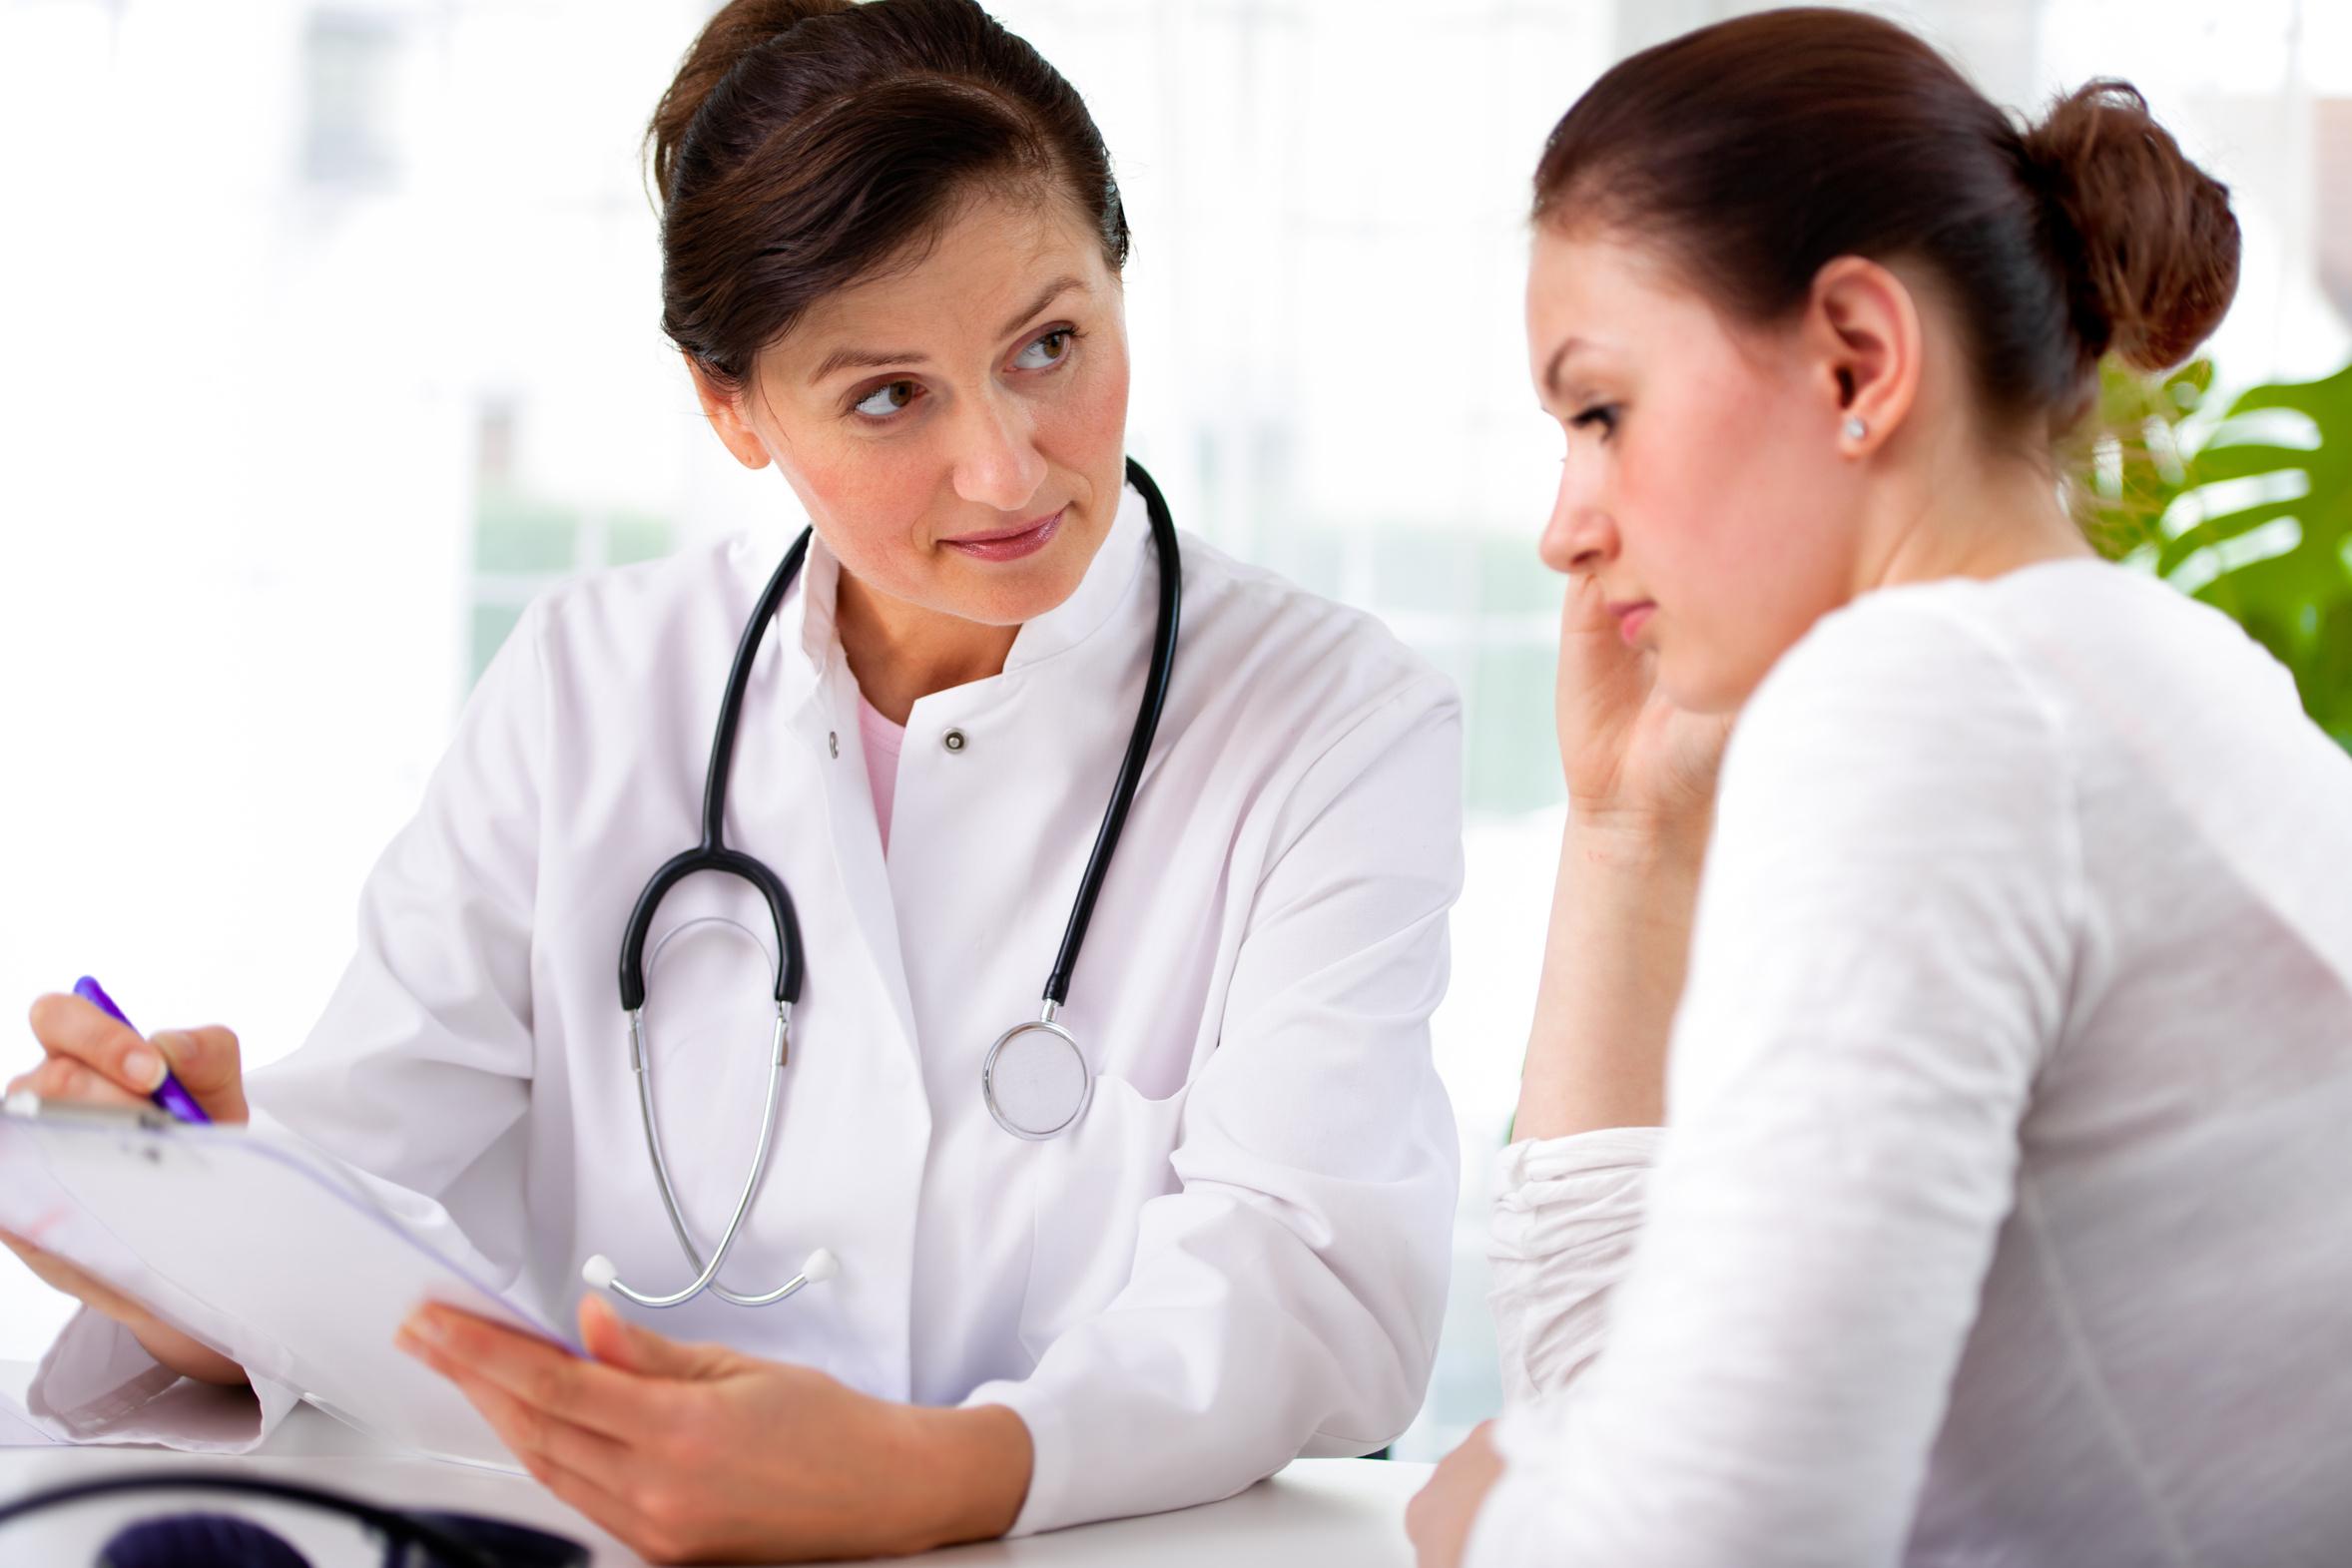 Investigații medicale gratuite pentru depistarea precoce a trei tipuri de cancer